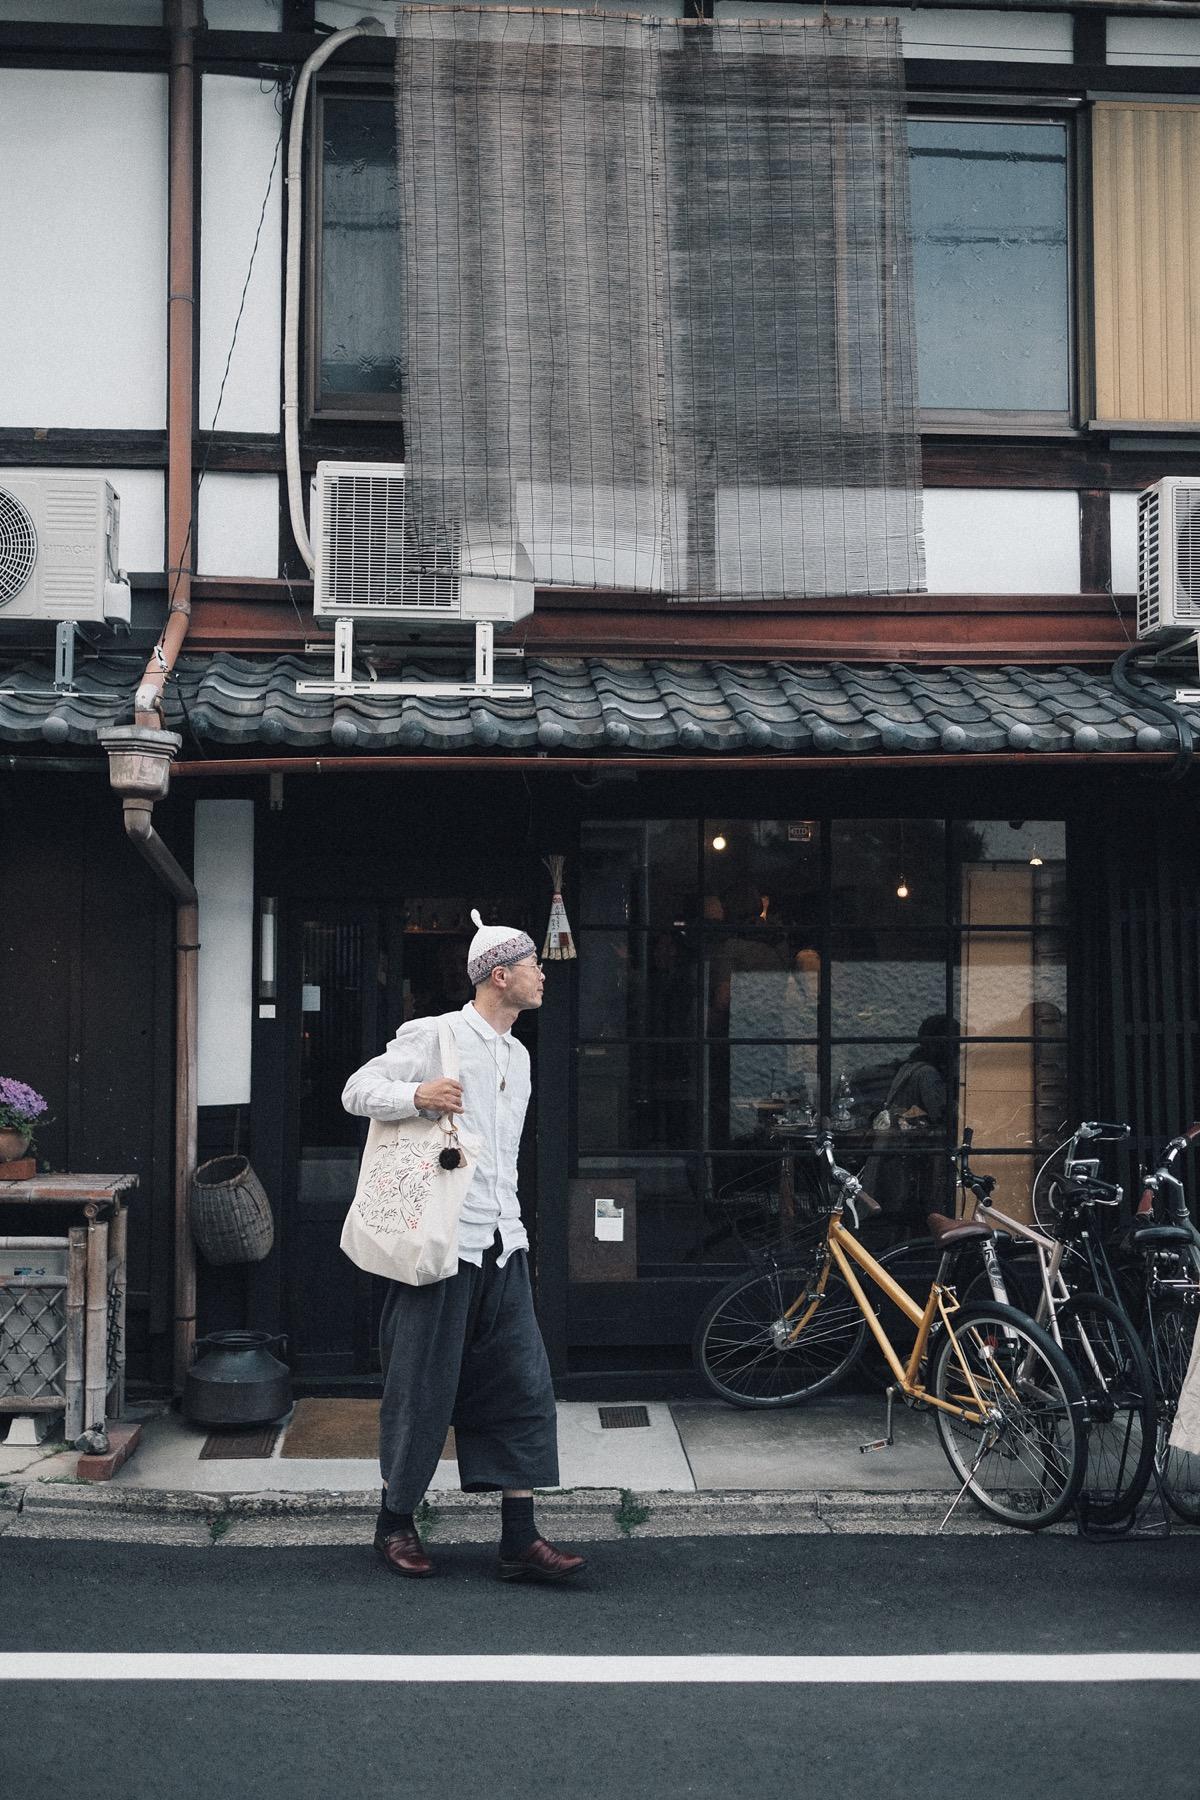 Kinlake-Kyoto-Lifestyle-2018-8468